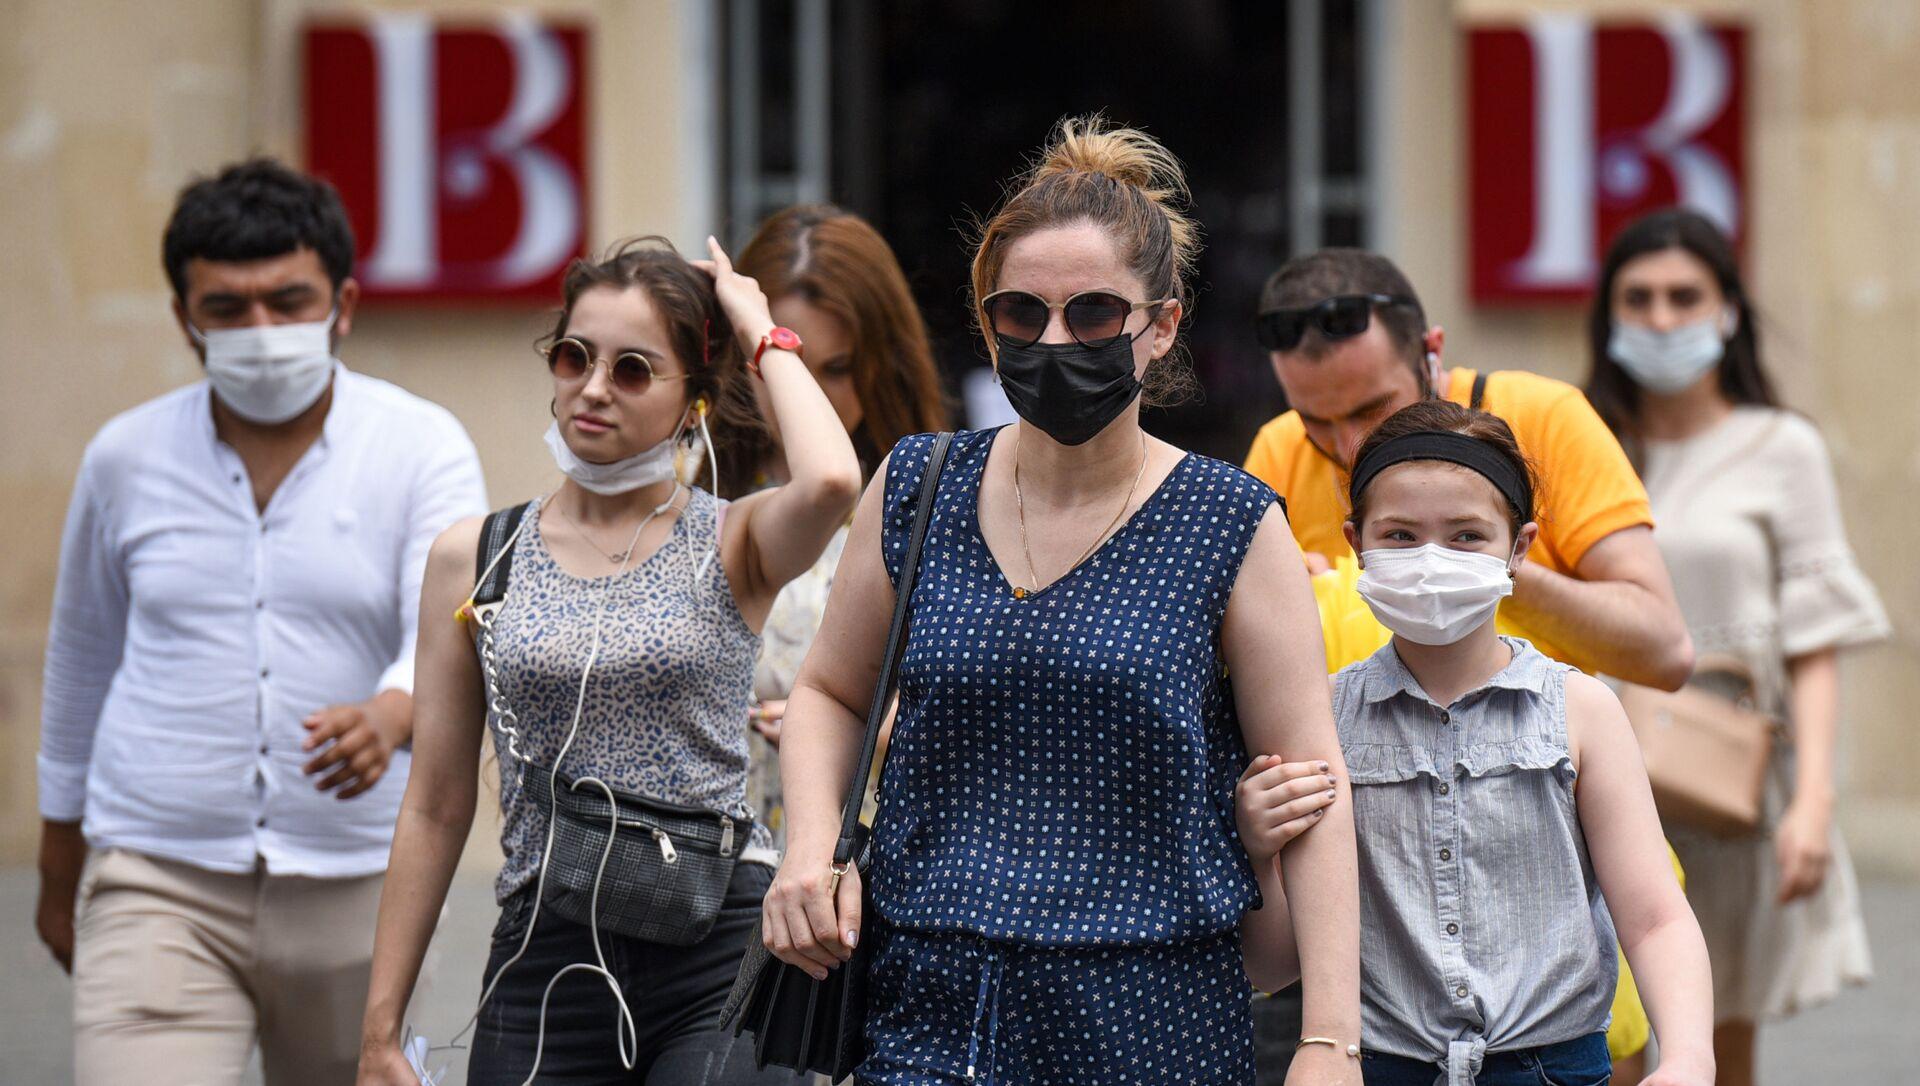 Люди в медицинских масках на улице в Баку во время особого карантинного режима - Sputnik Азербайджан, 1920, 28.08.2021